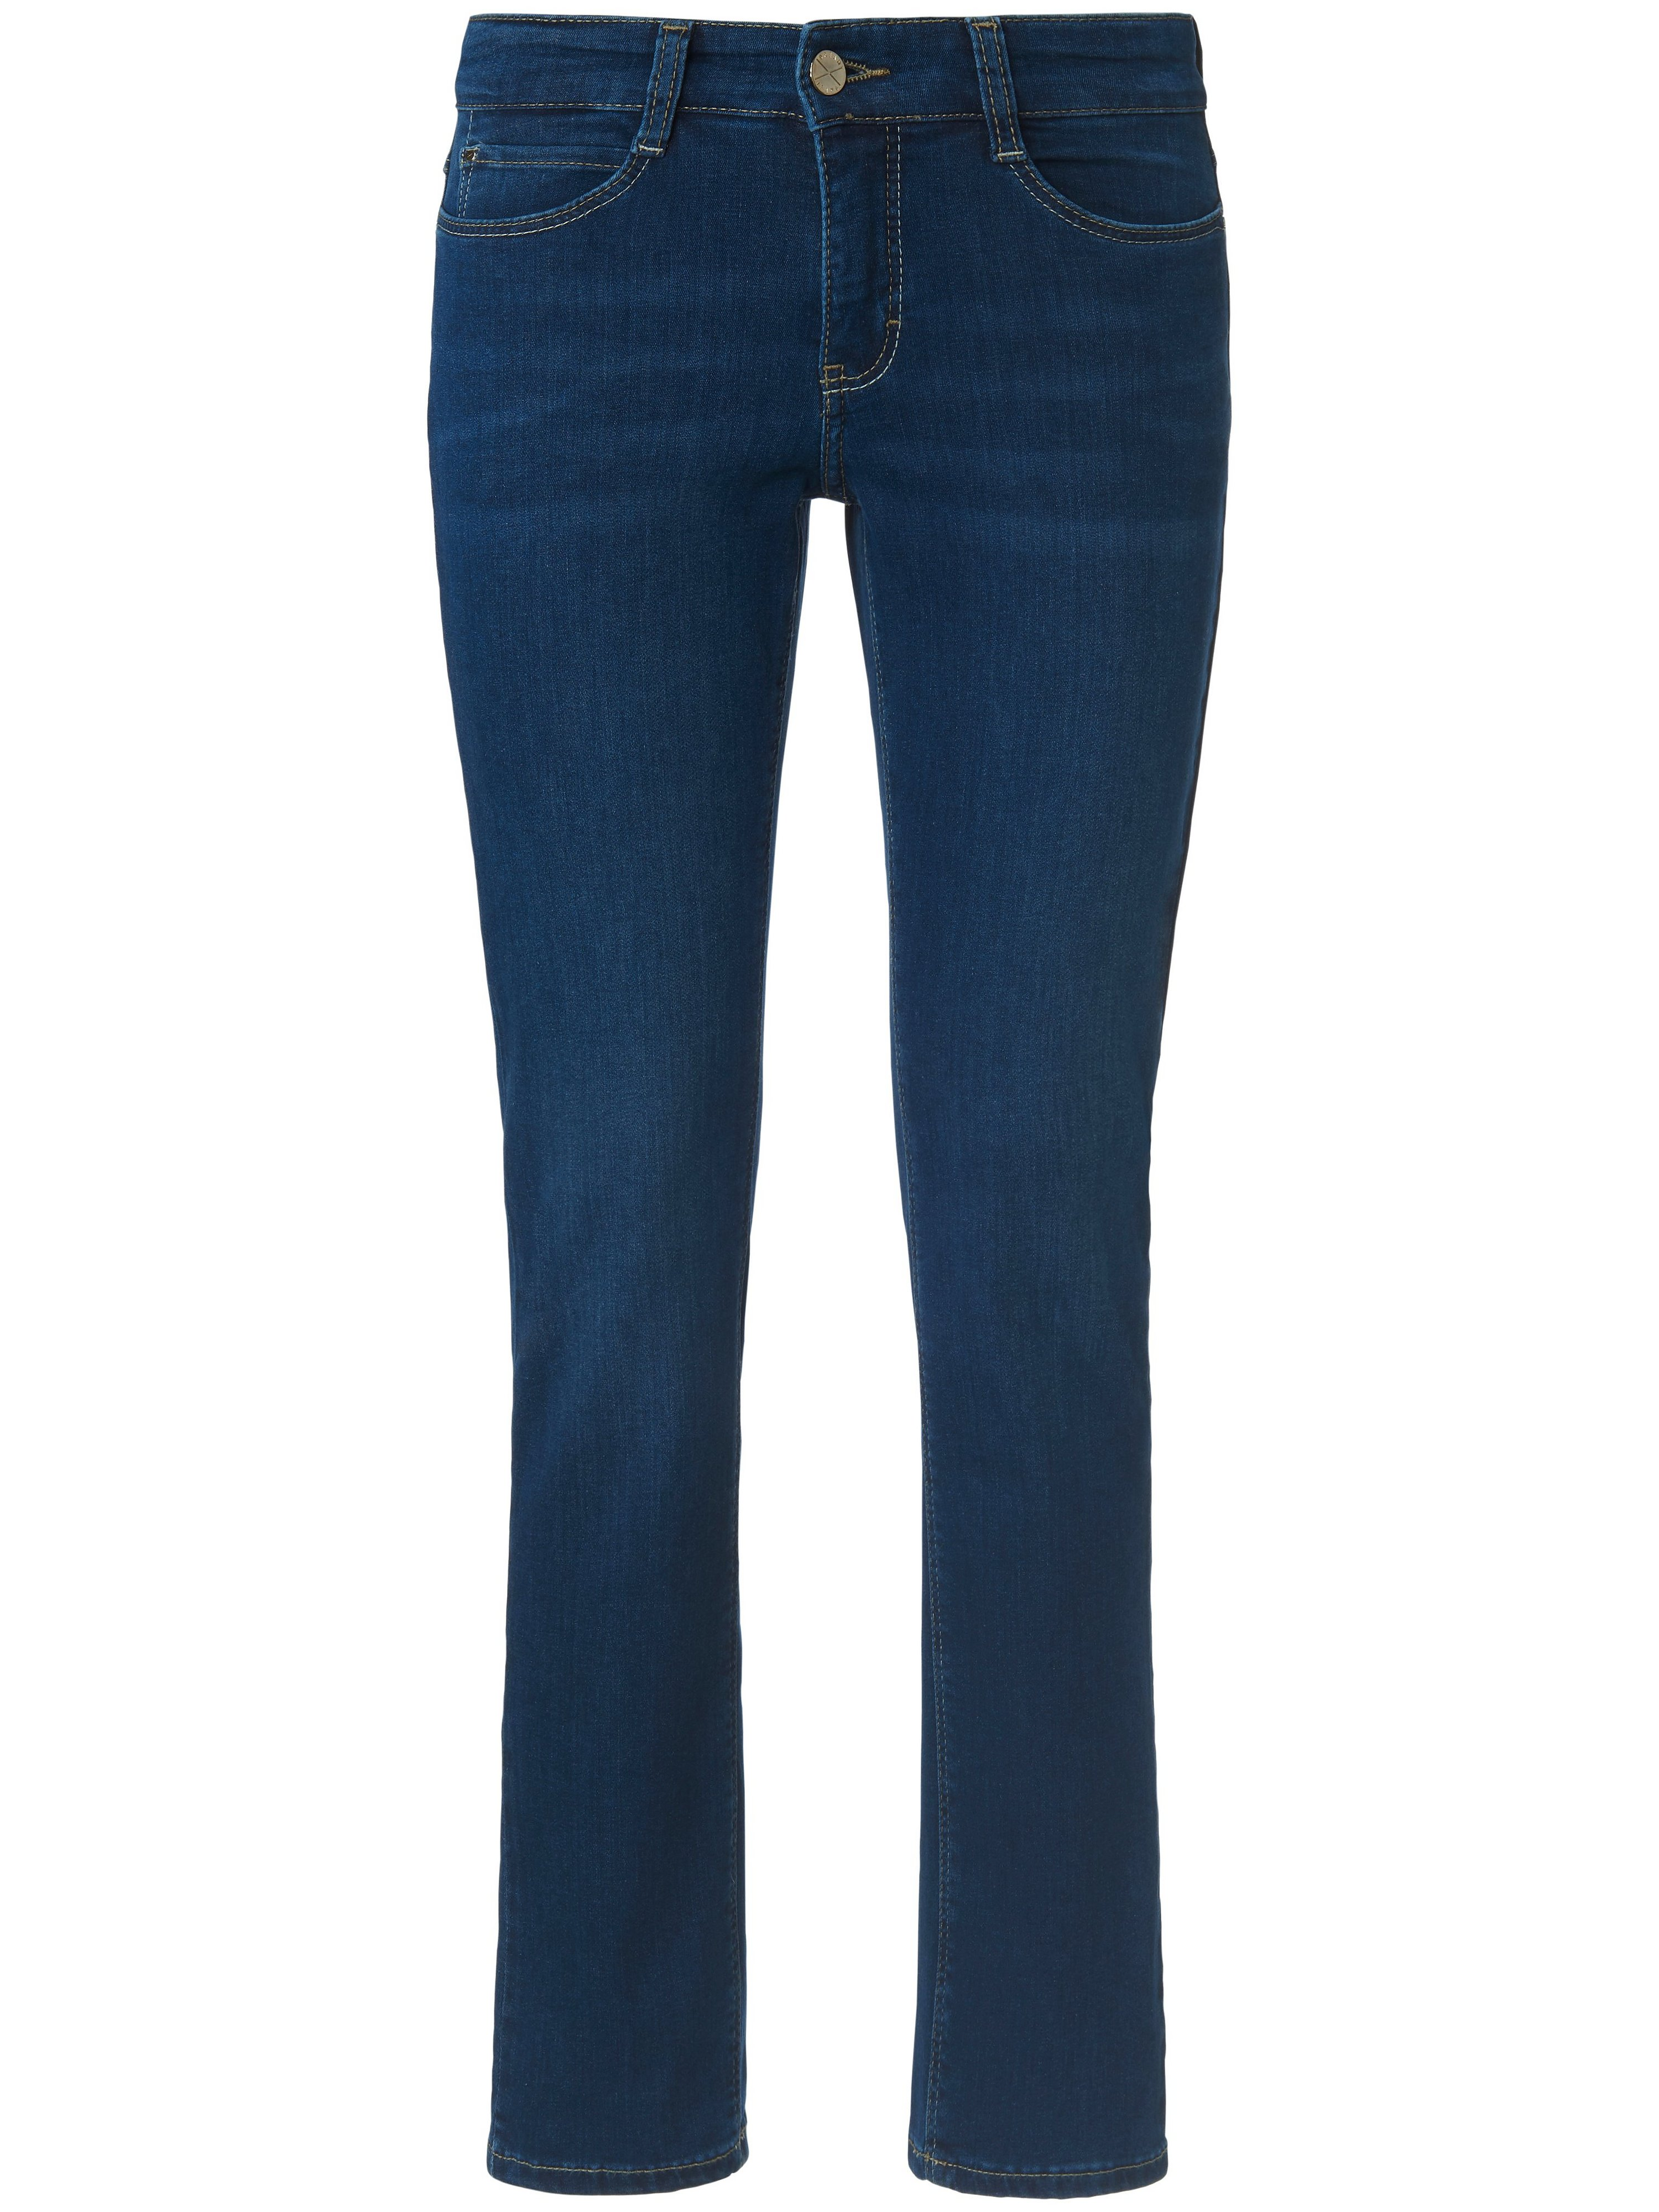 Jeans Dream lengte 32 inch rechte pijpen Van Mac denim